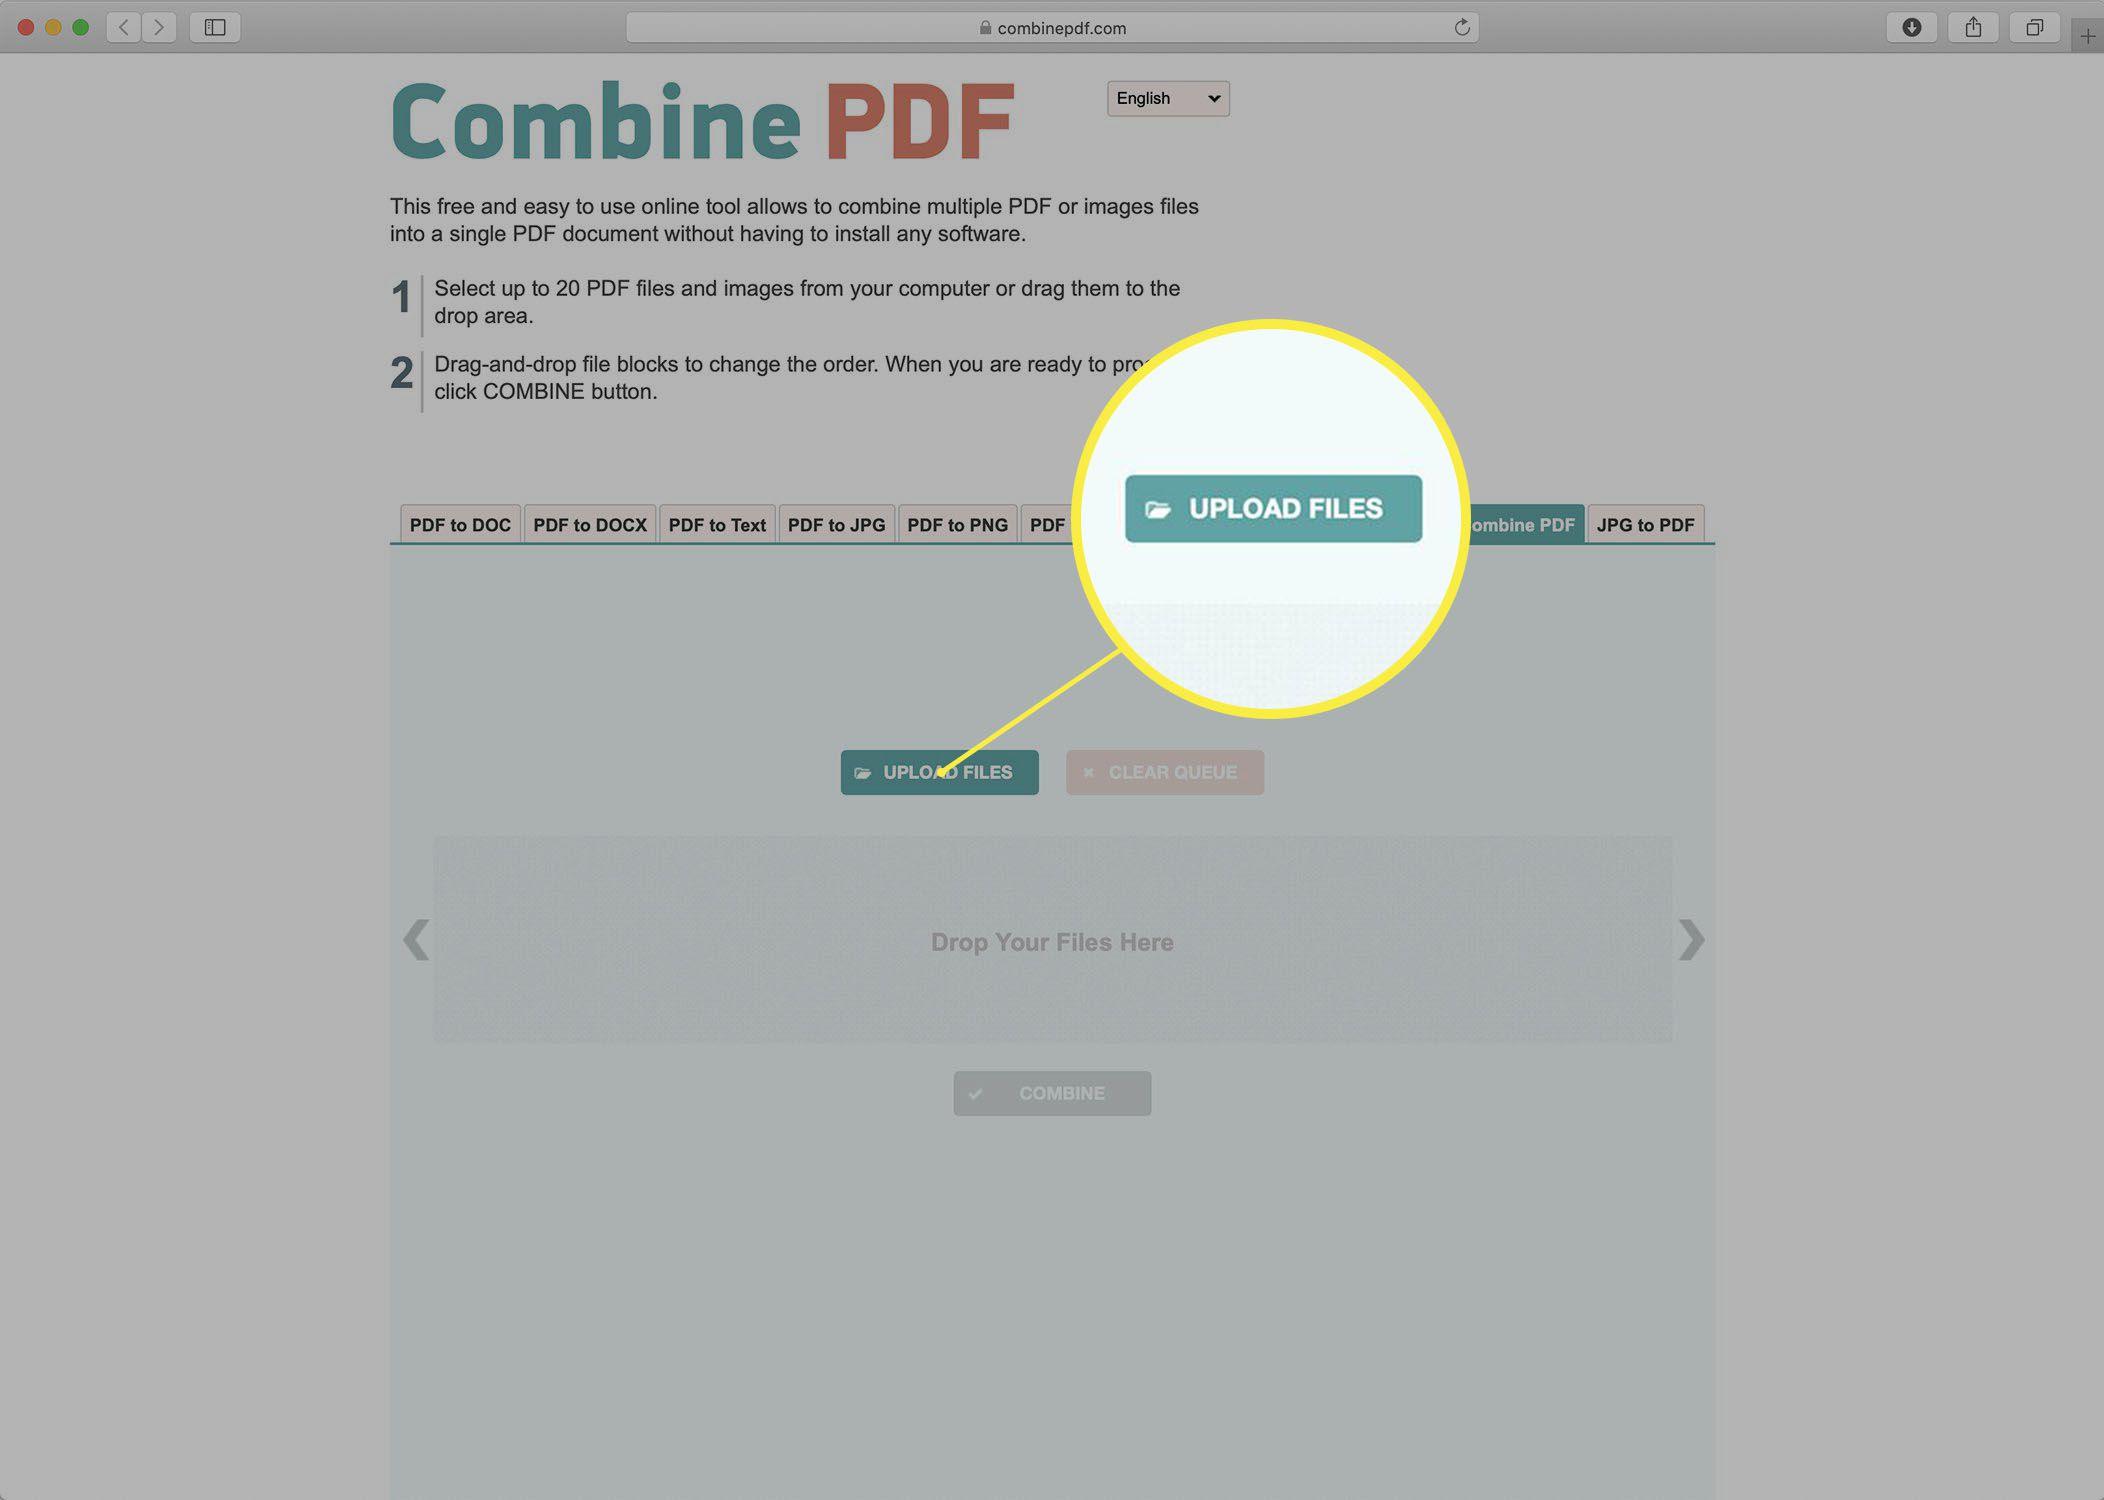 Screenshot of the Combine PDF website.